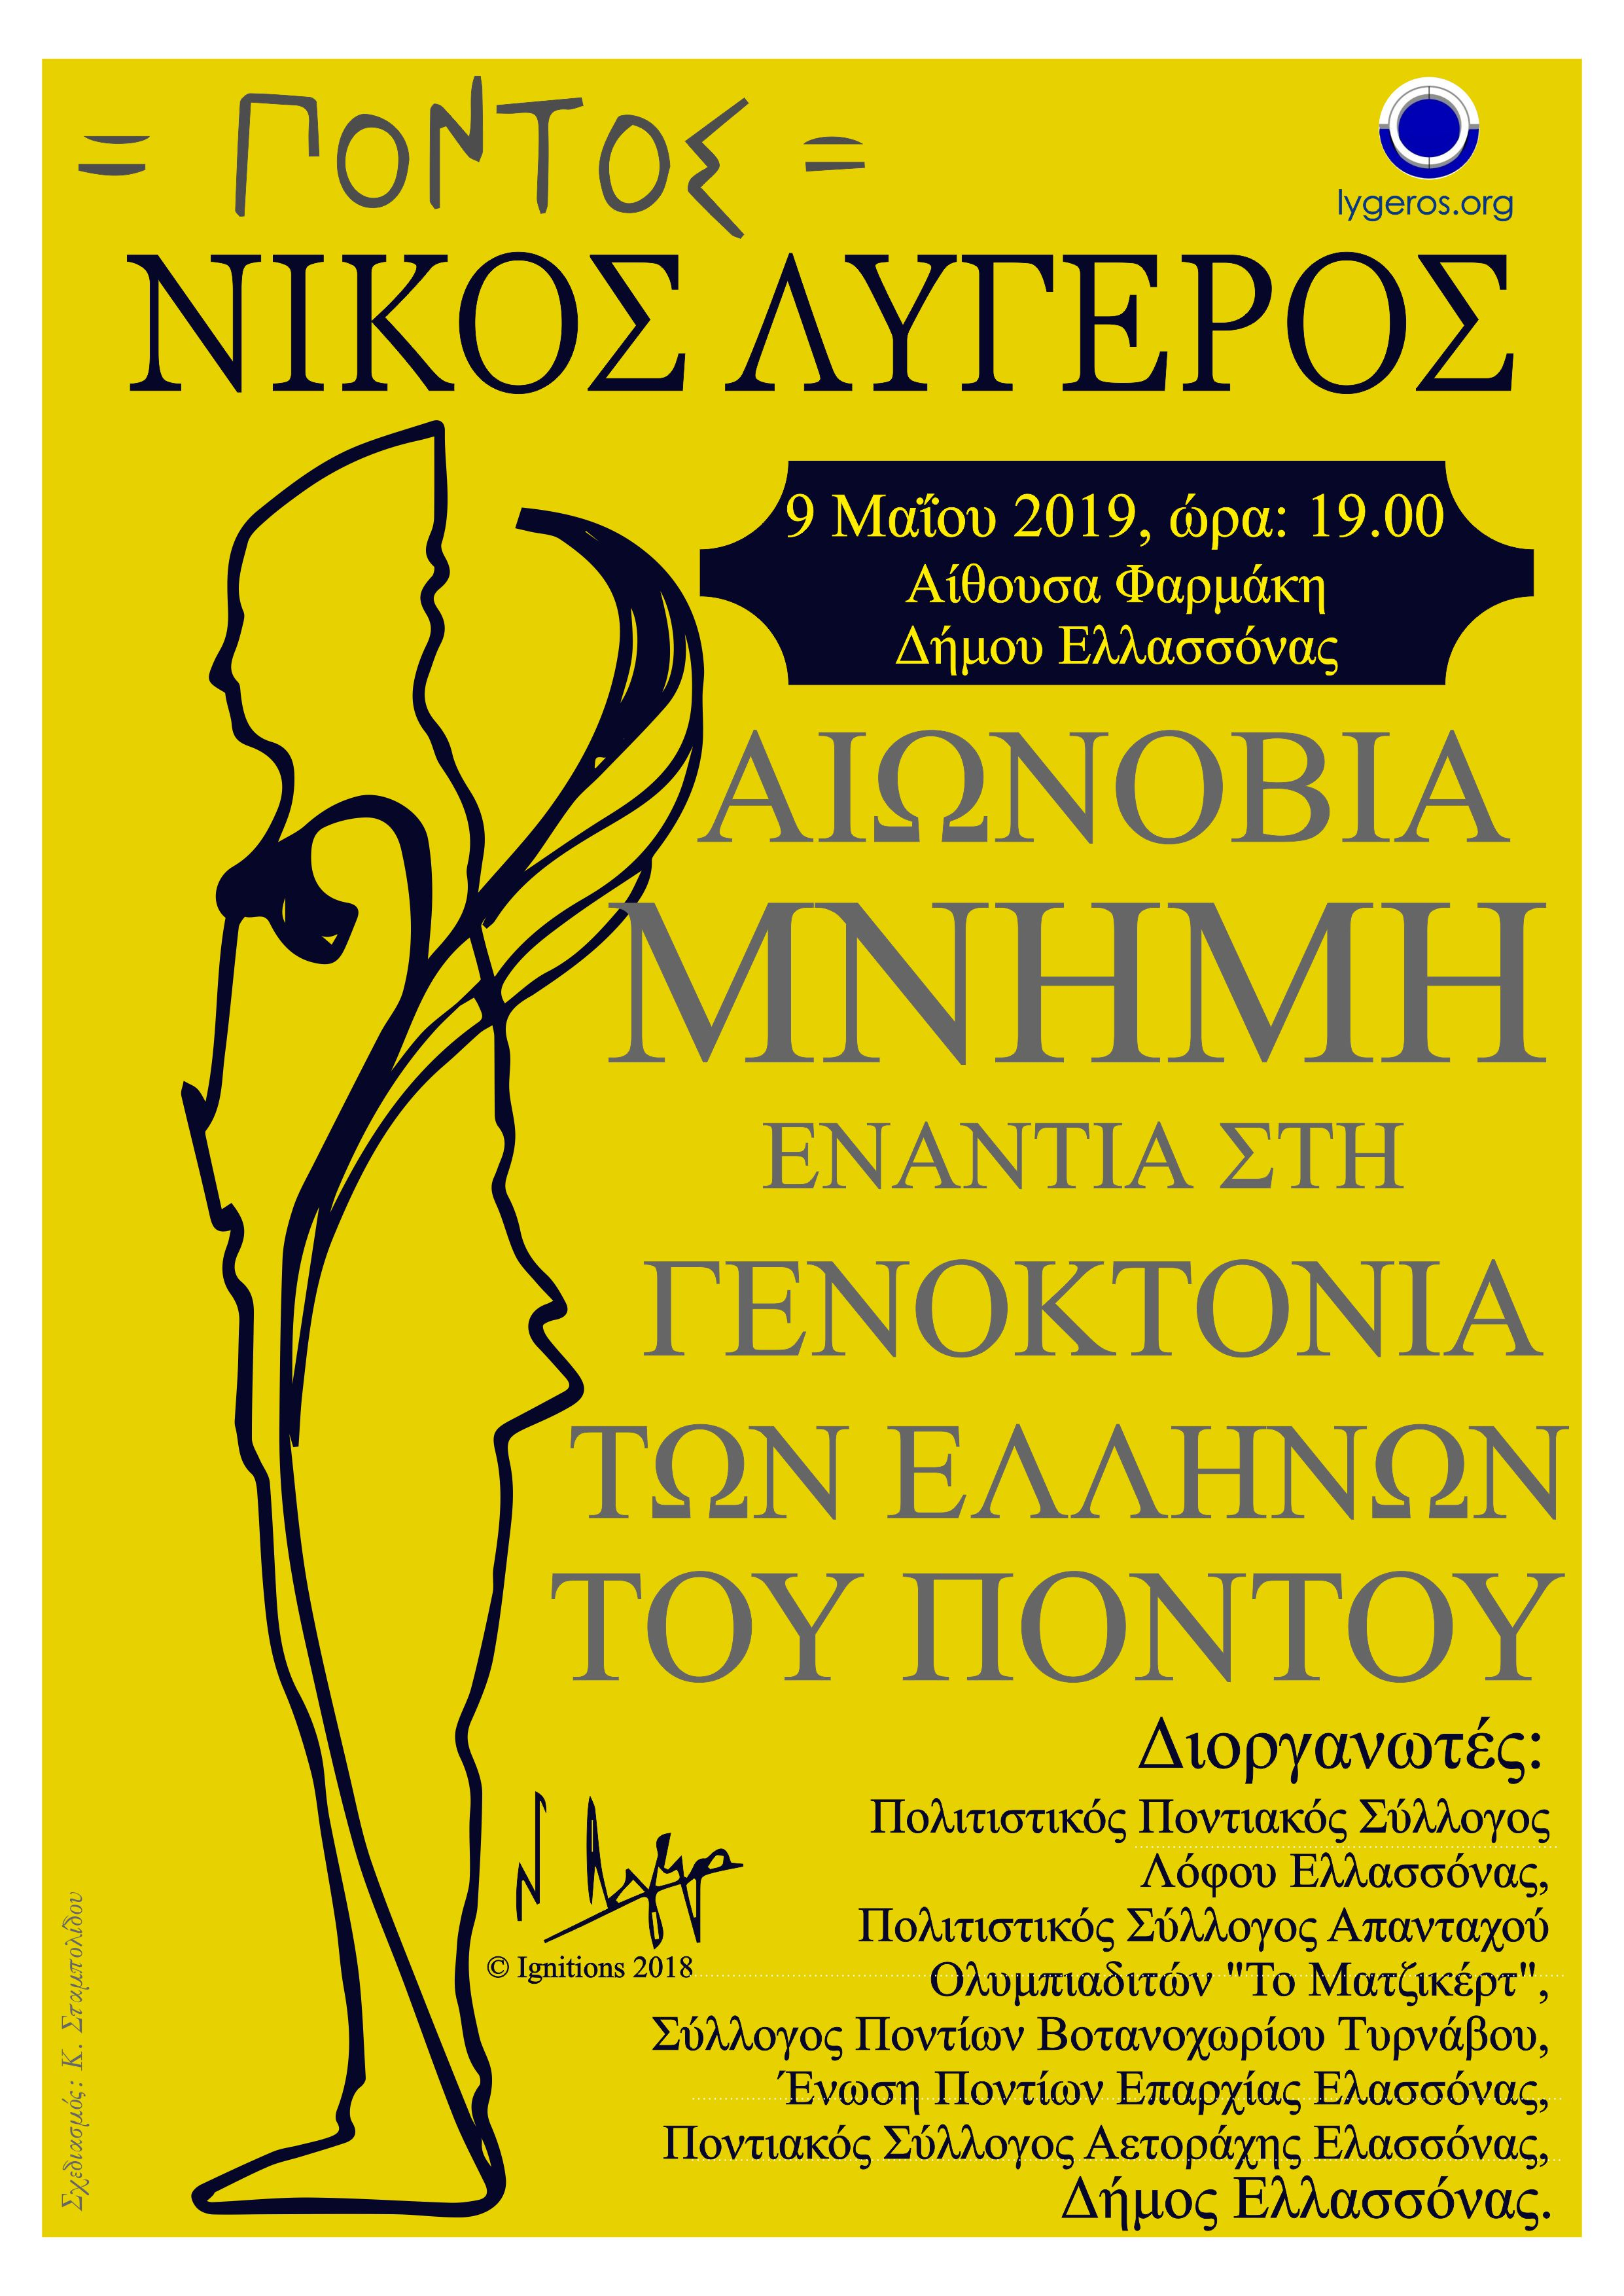 Διάλεξη: Αιωνόβια Μνήμη ενάντια στη Γενοκτονία των Ελλήνων του Πόντου